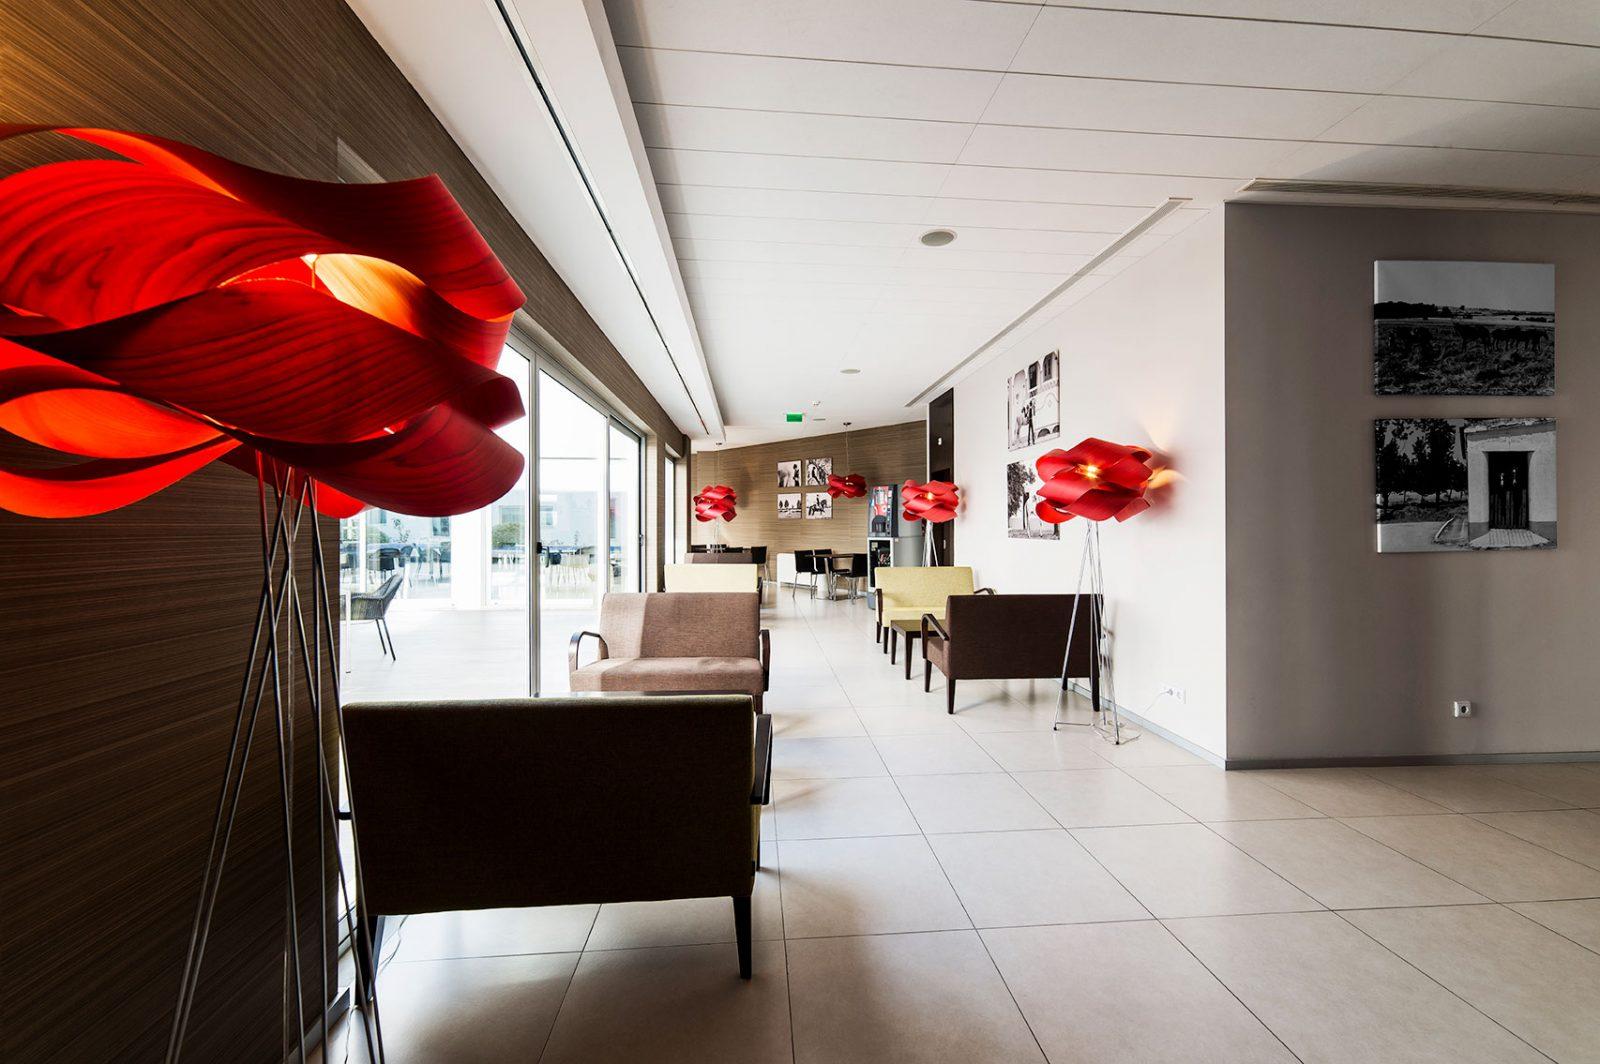 Hotel, Hotel Moov, Moov Hotel, Hotel Évora, Évora Hotel, Hotel Évora Económico, Hôtel Moov Évora, Évora